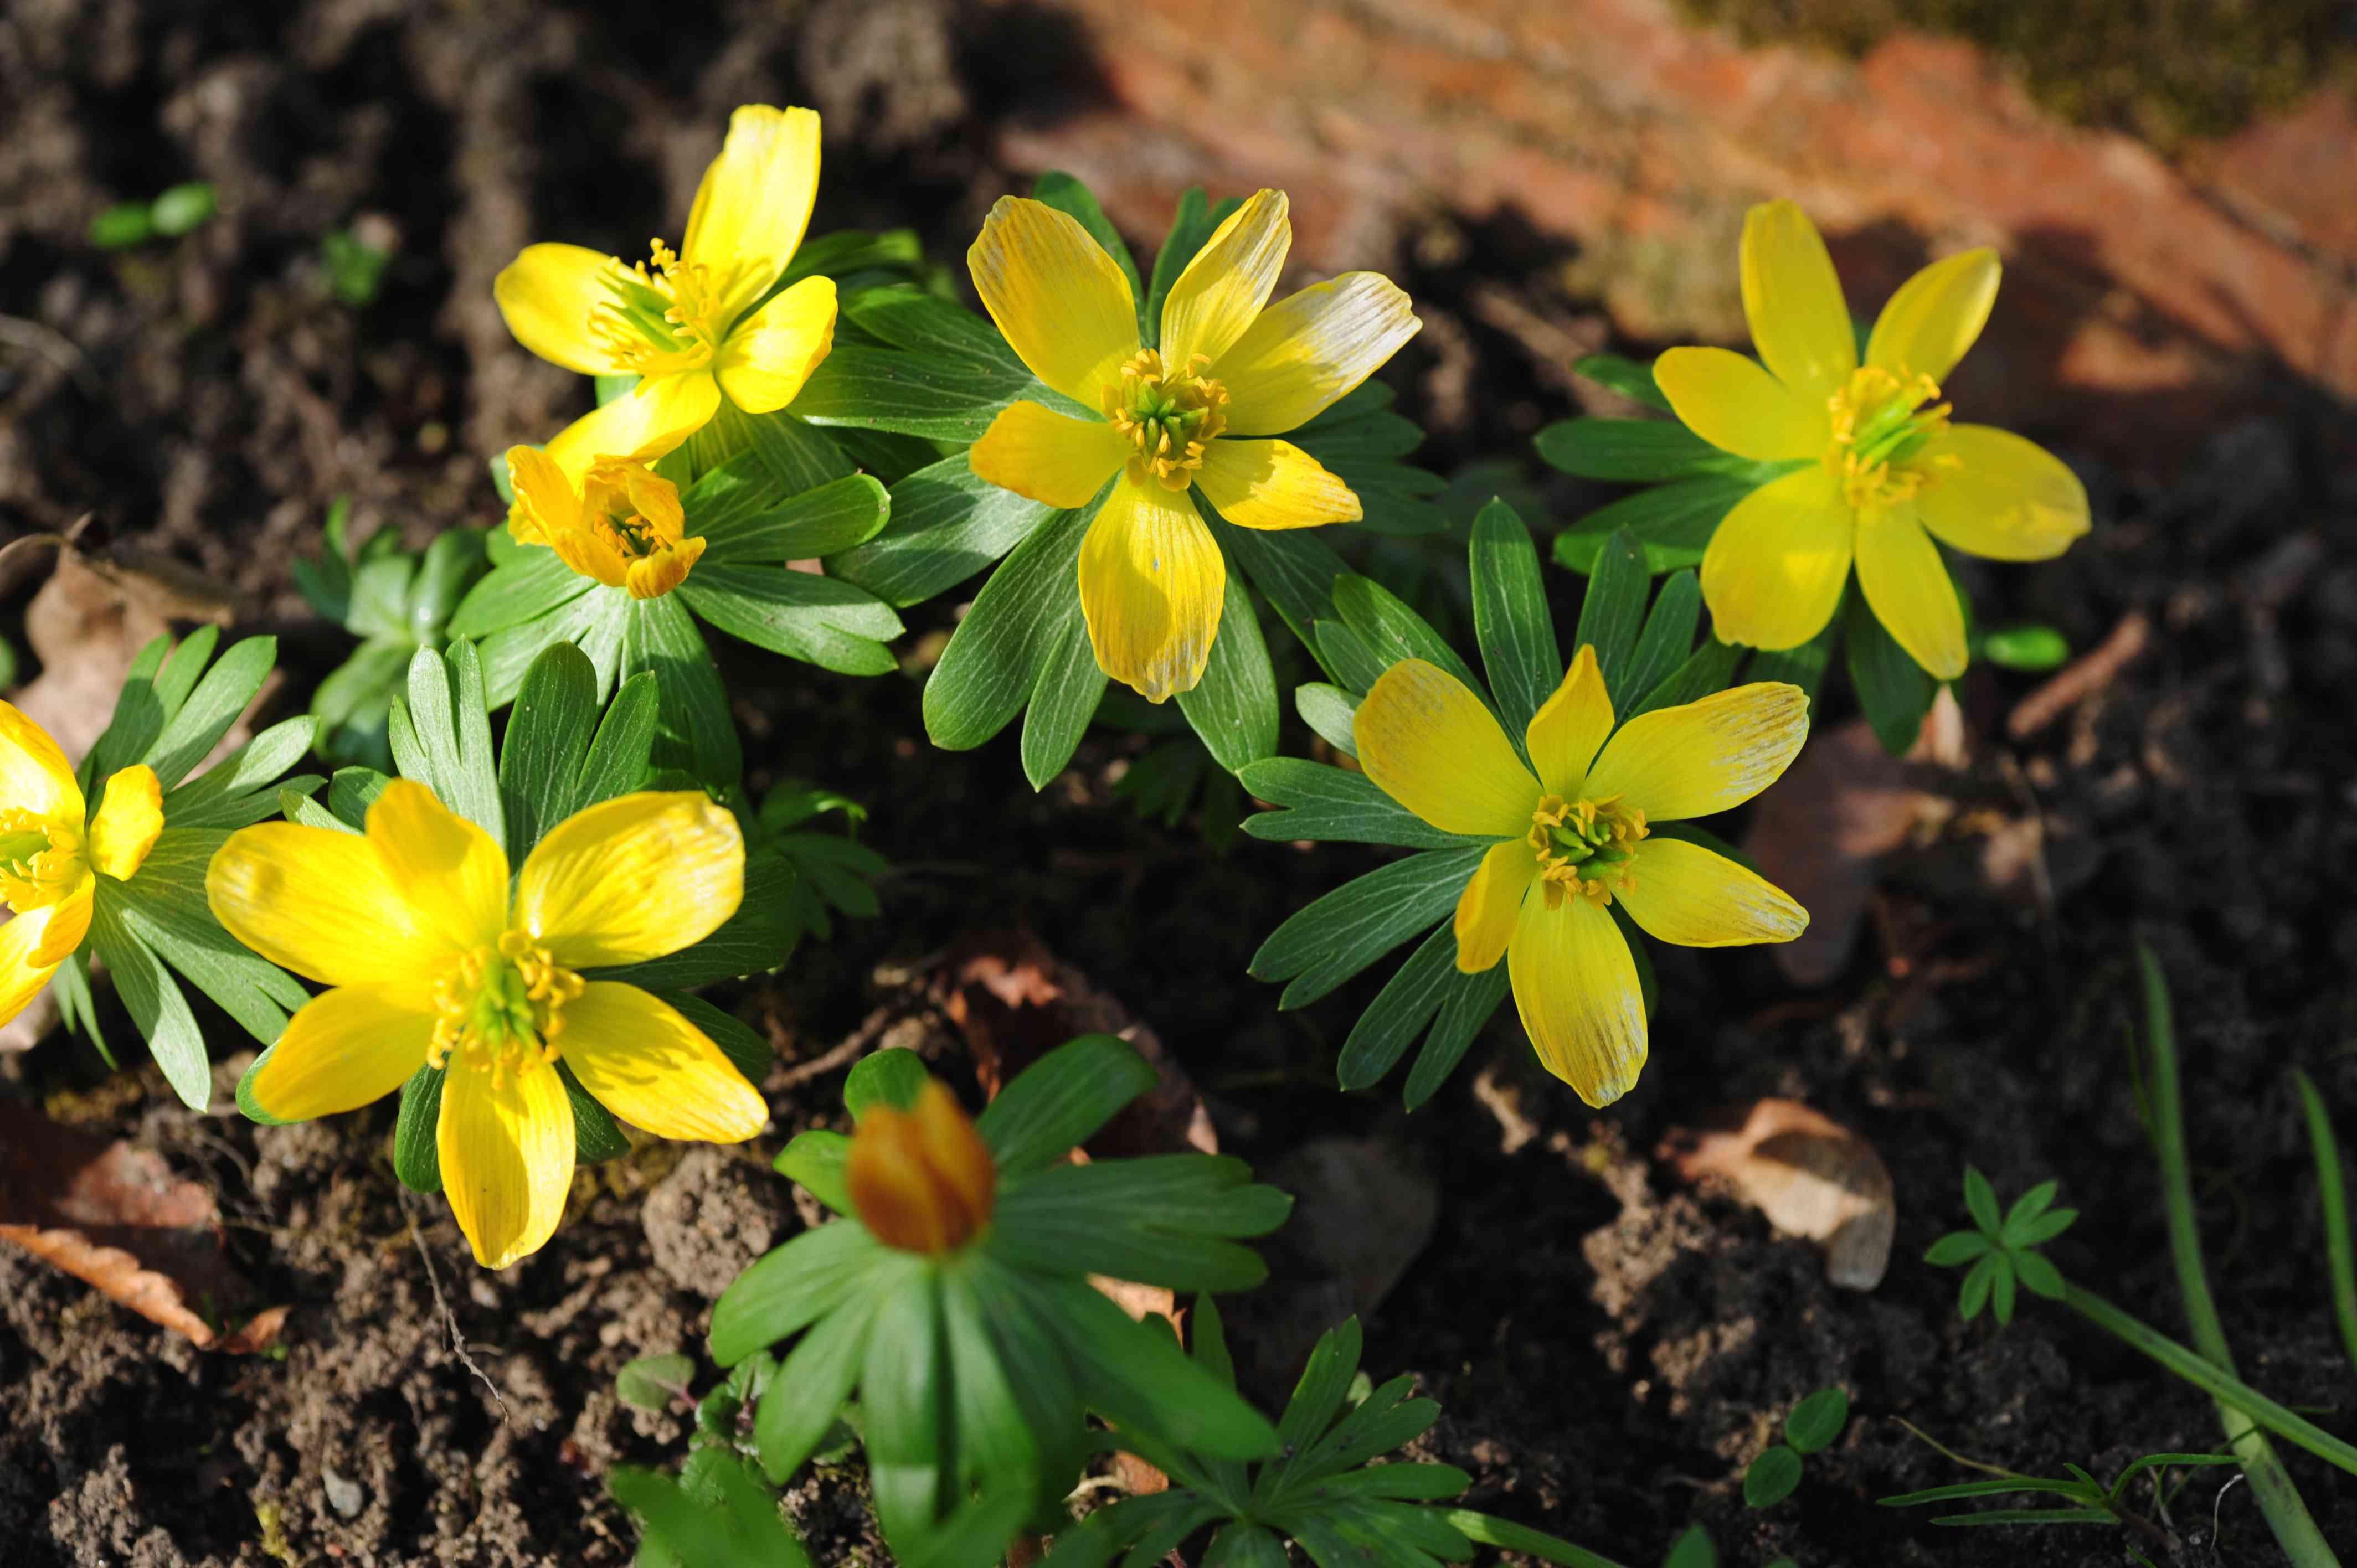 Yellow winter aconite flowers